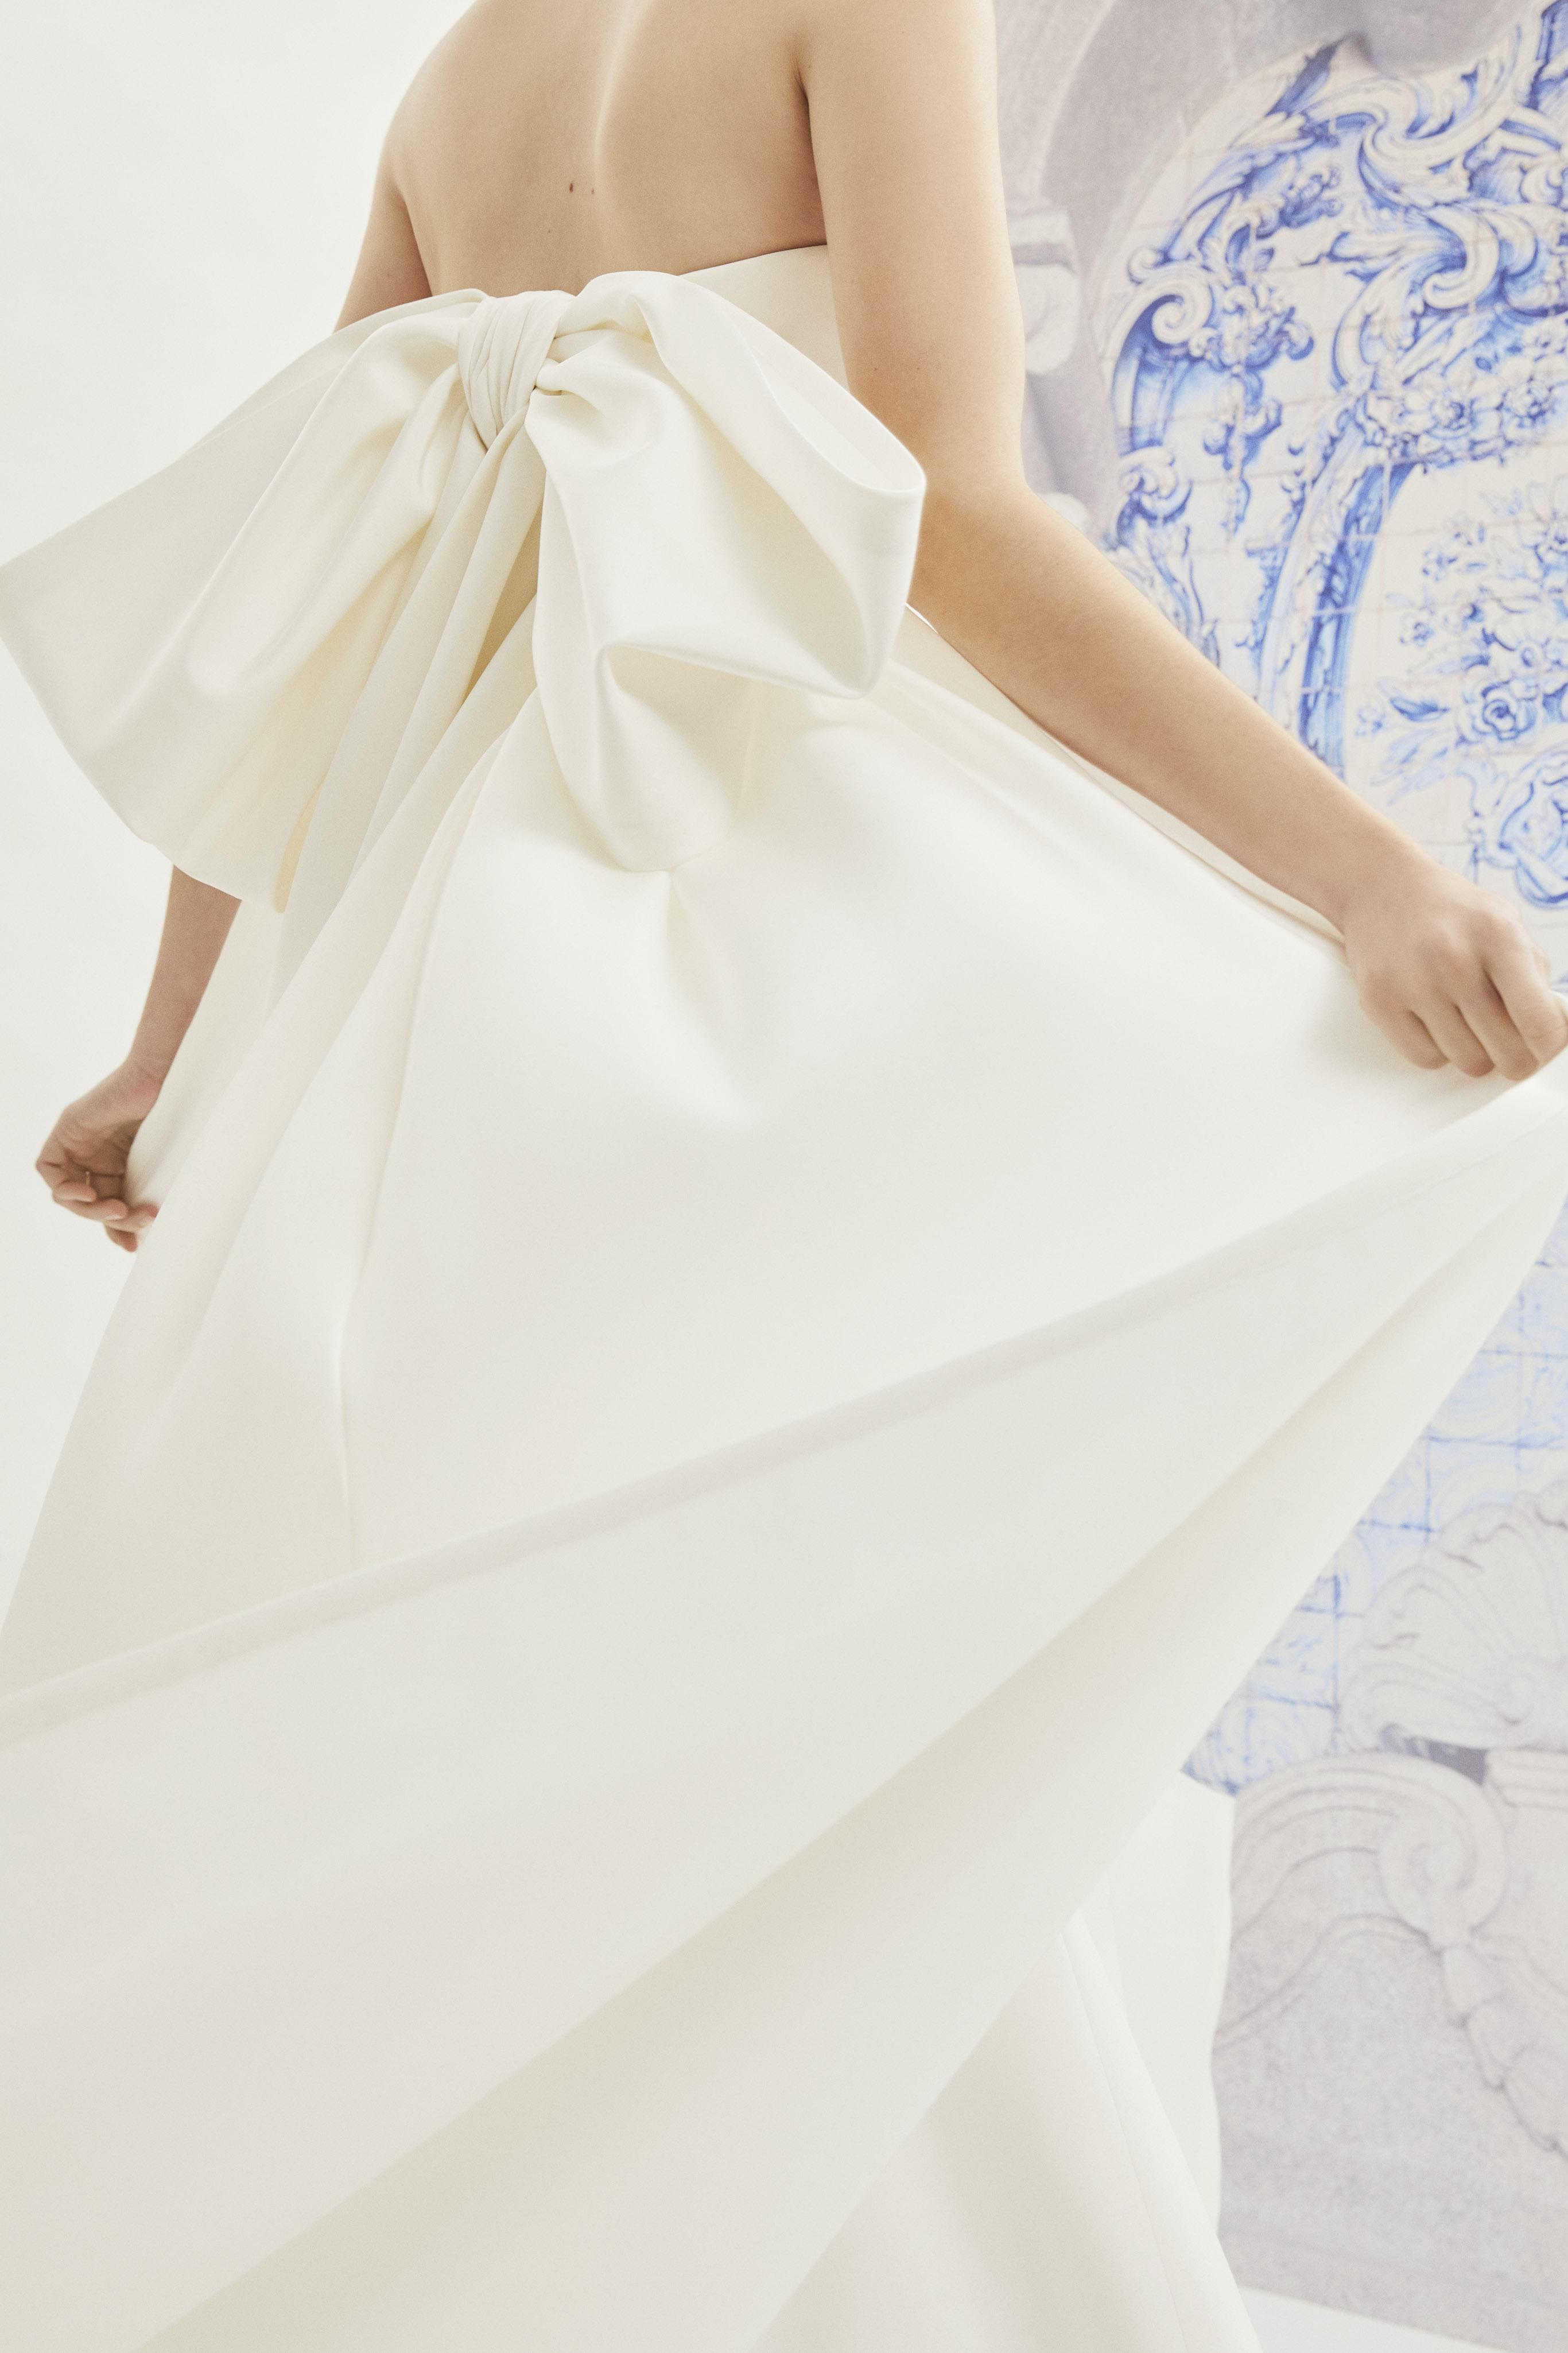 Carolina Herrera strapless wedding dress with large oversized bow in back